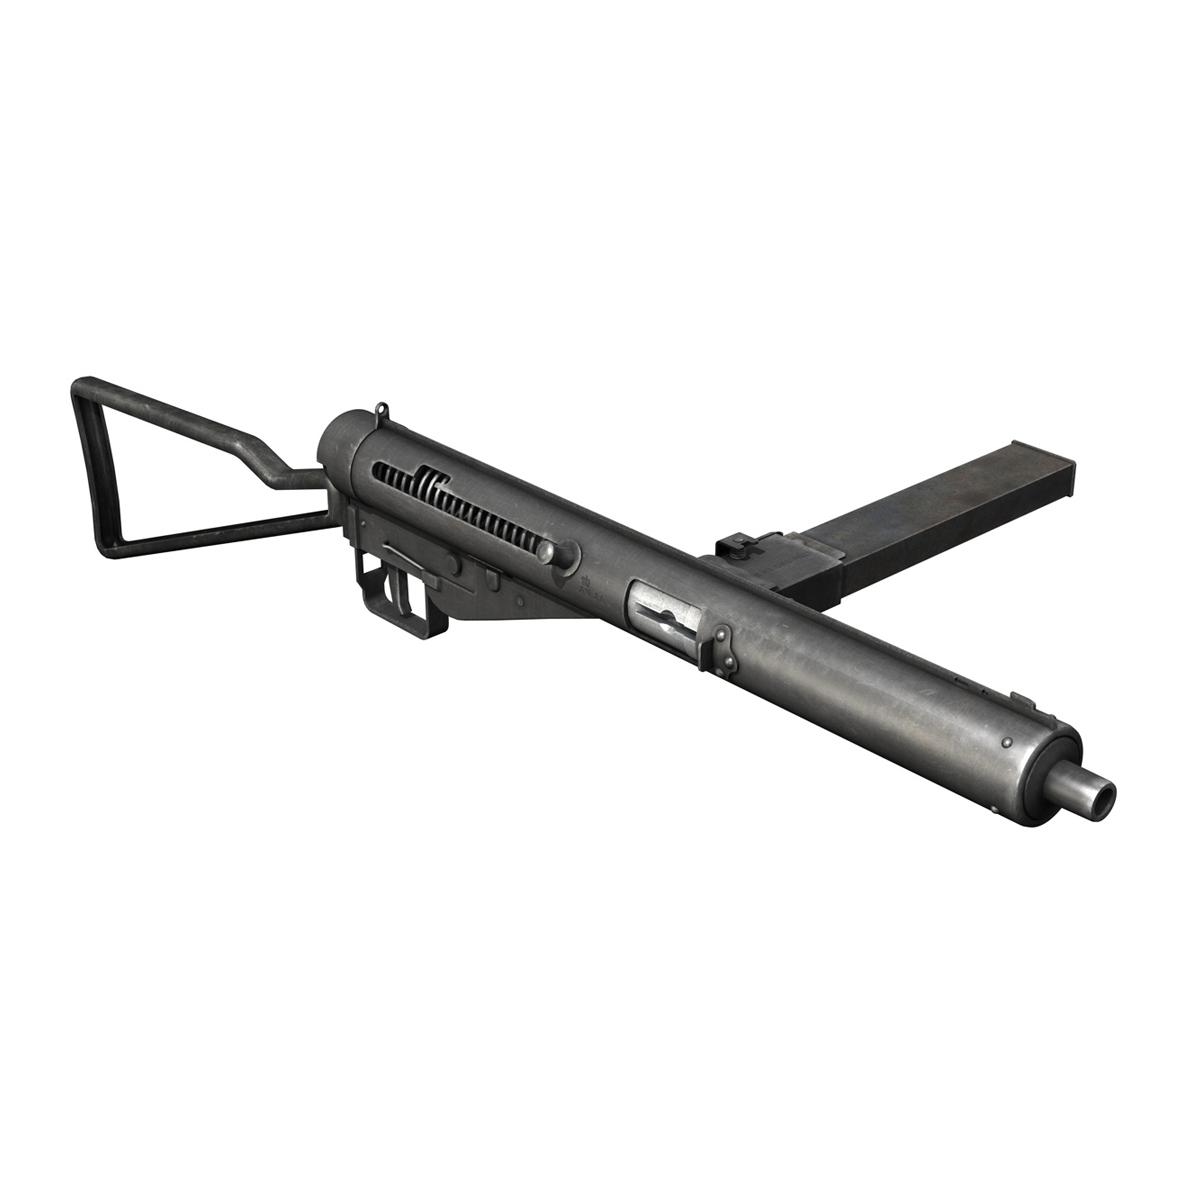 sten submachine gun – collection 3d model 3ds fbx c4d lwo obj 199301